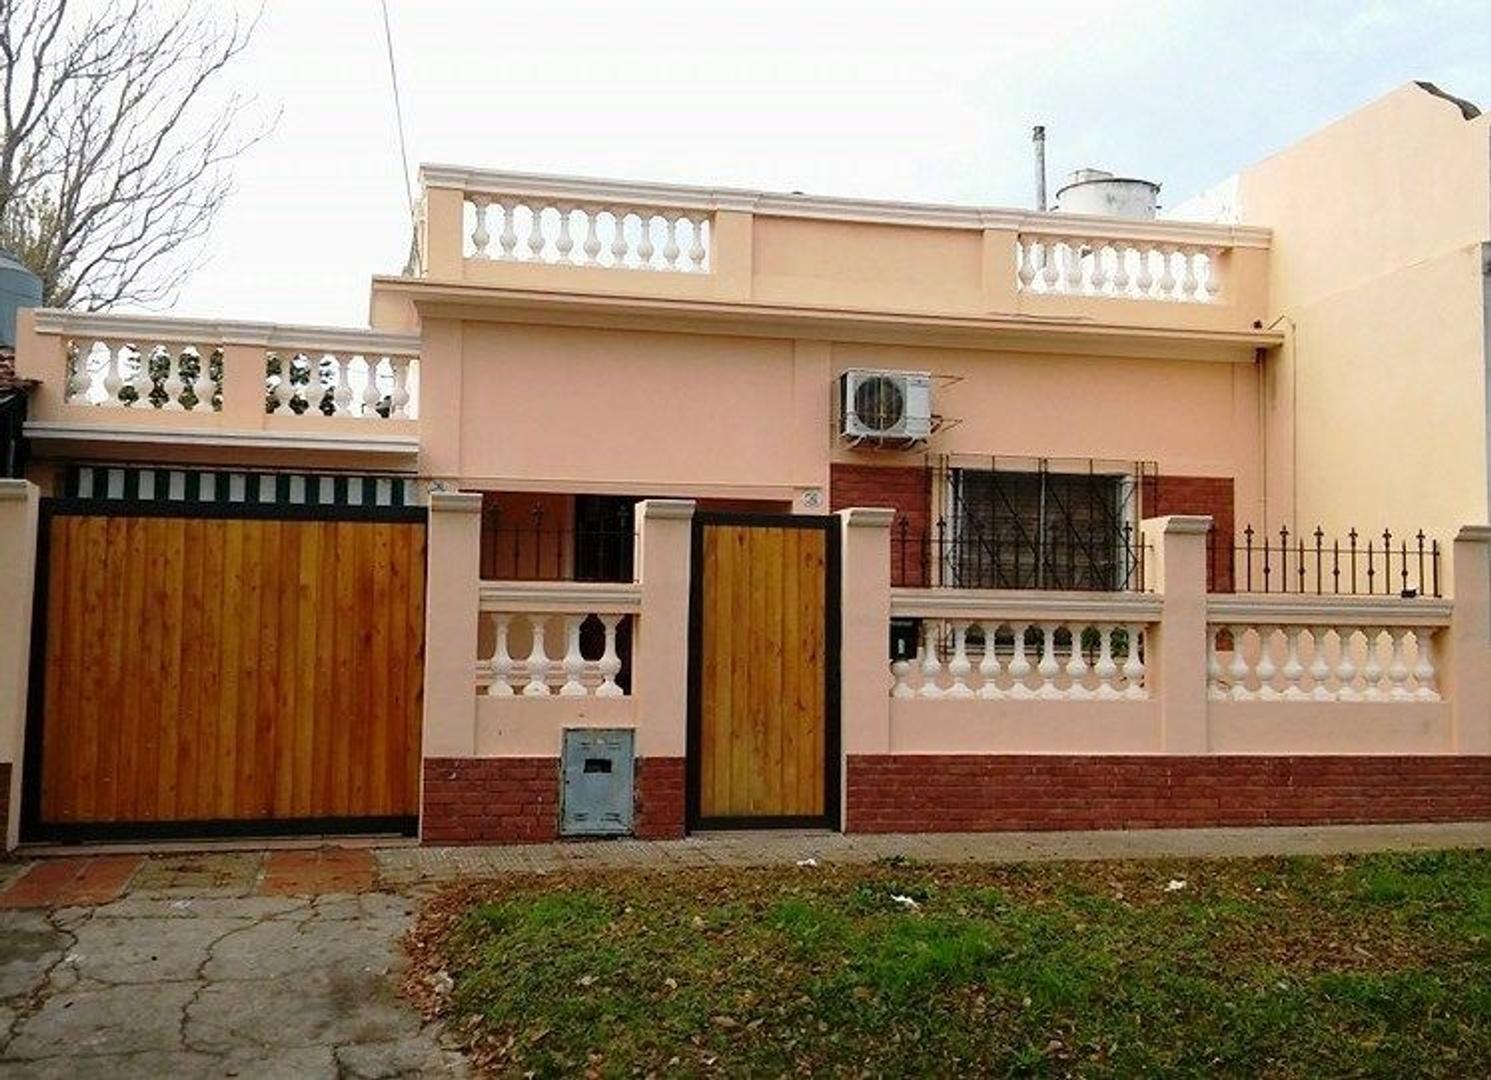 XINTEL(FNE-FNM-1757) Casa - Venta - Argentina, Bella Vista - Moine 783